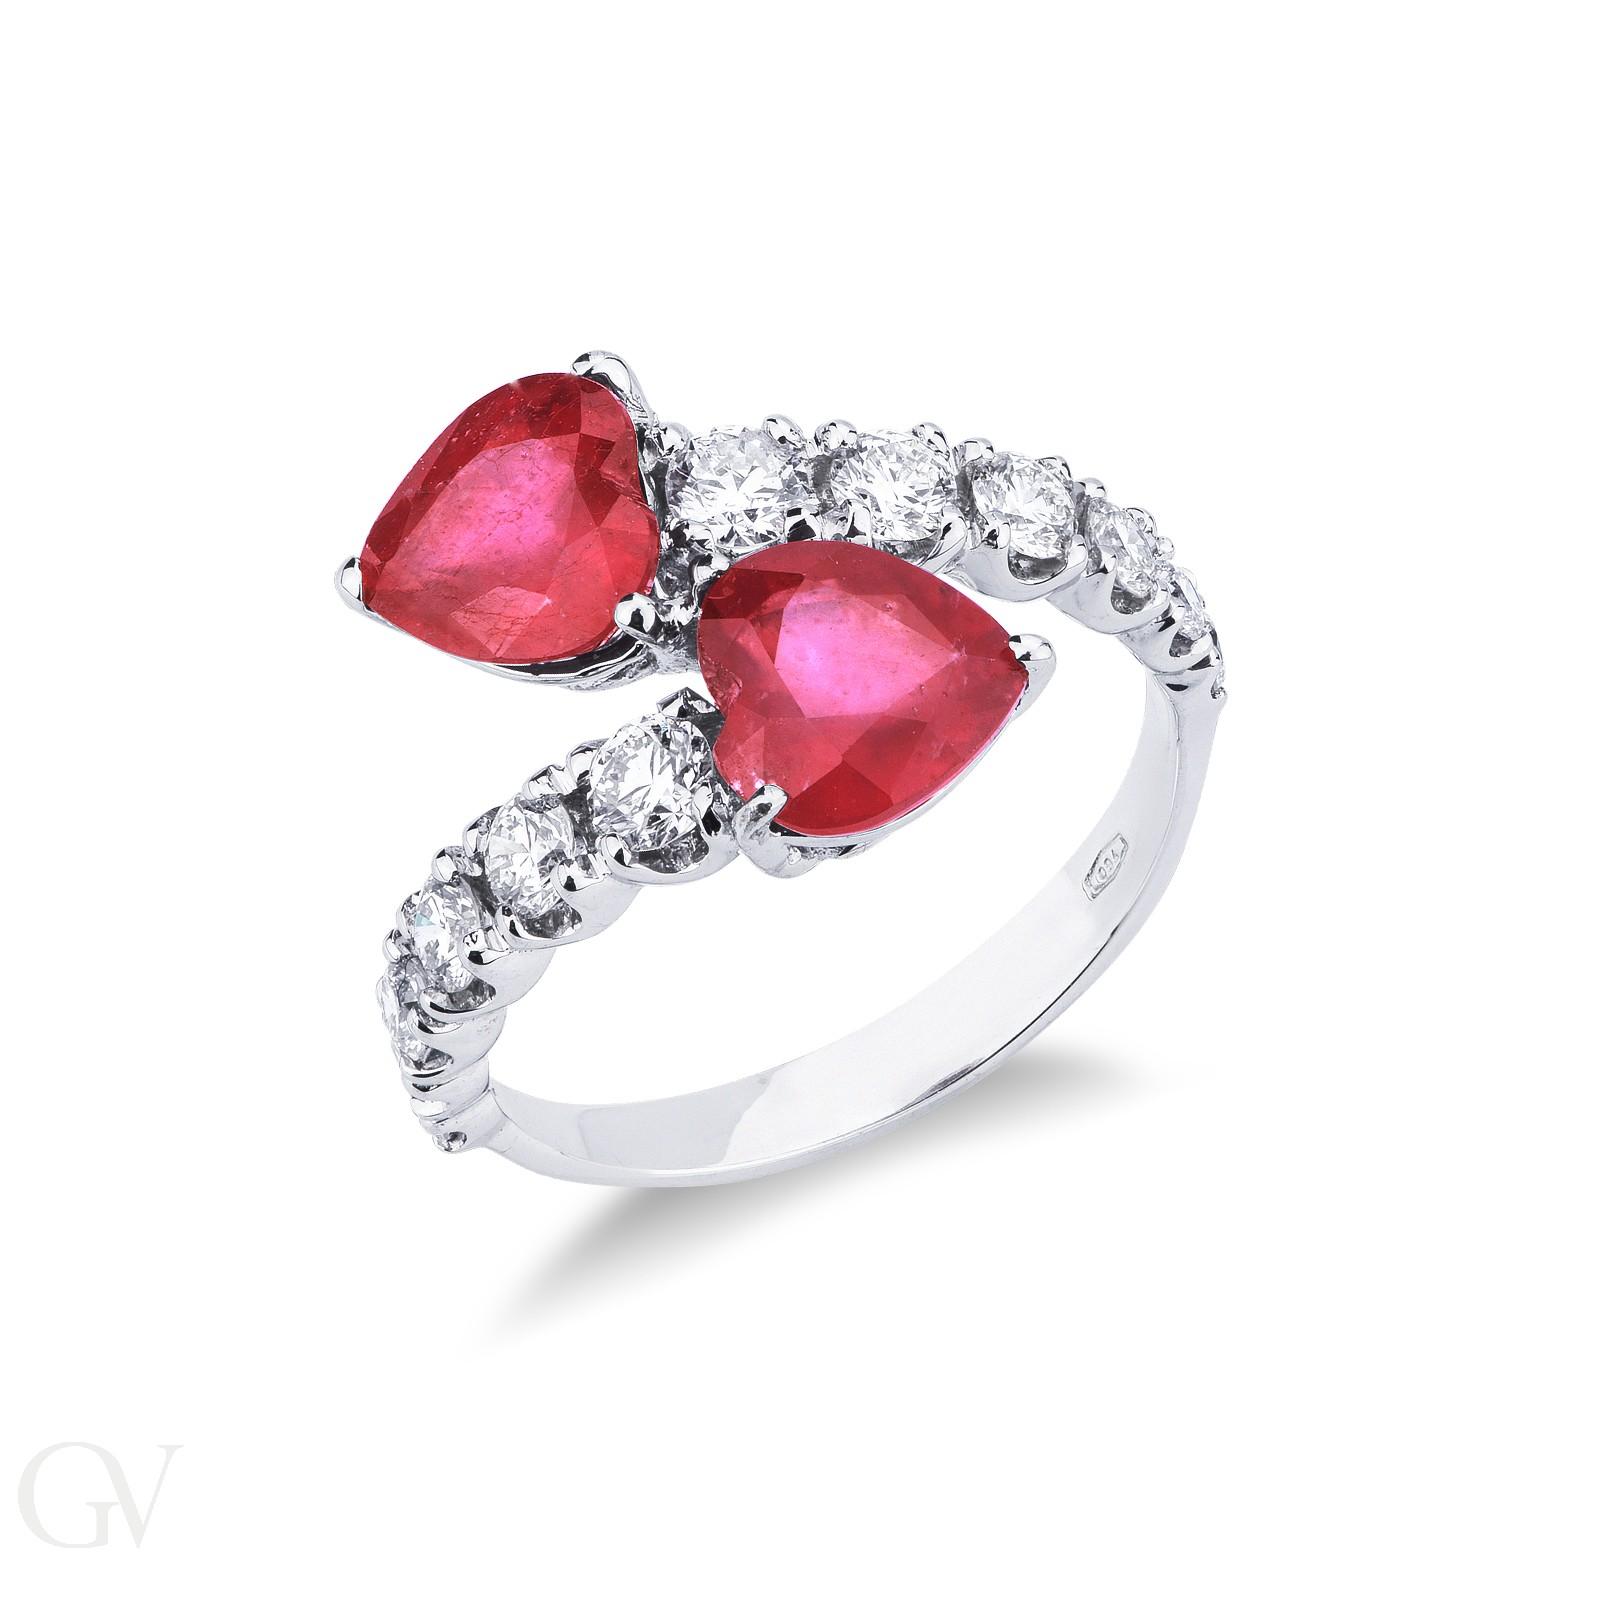 Anello contrarie\' con diamanti a scalare e 2 rubini cuore.